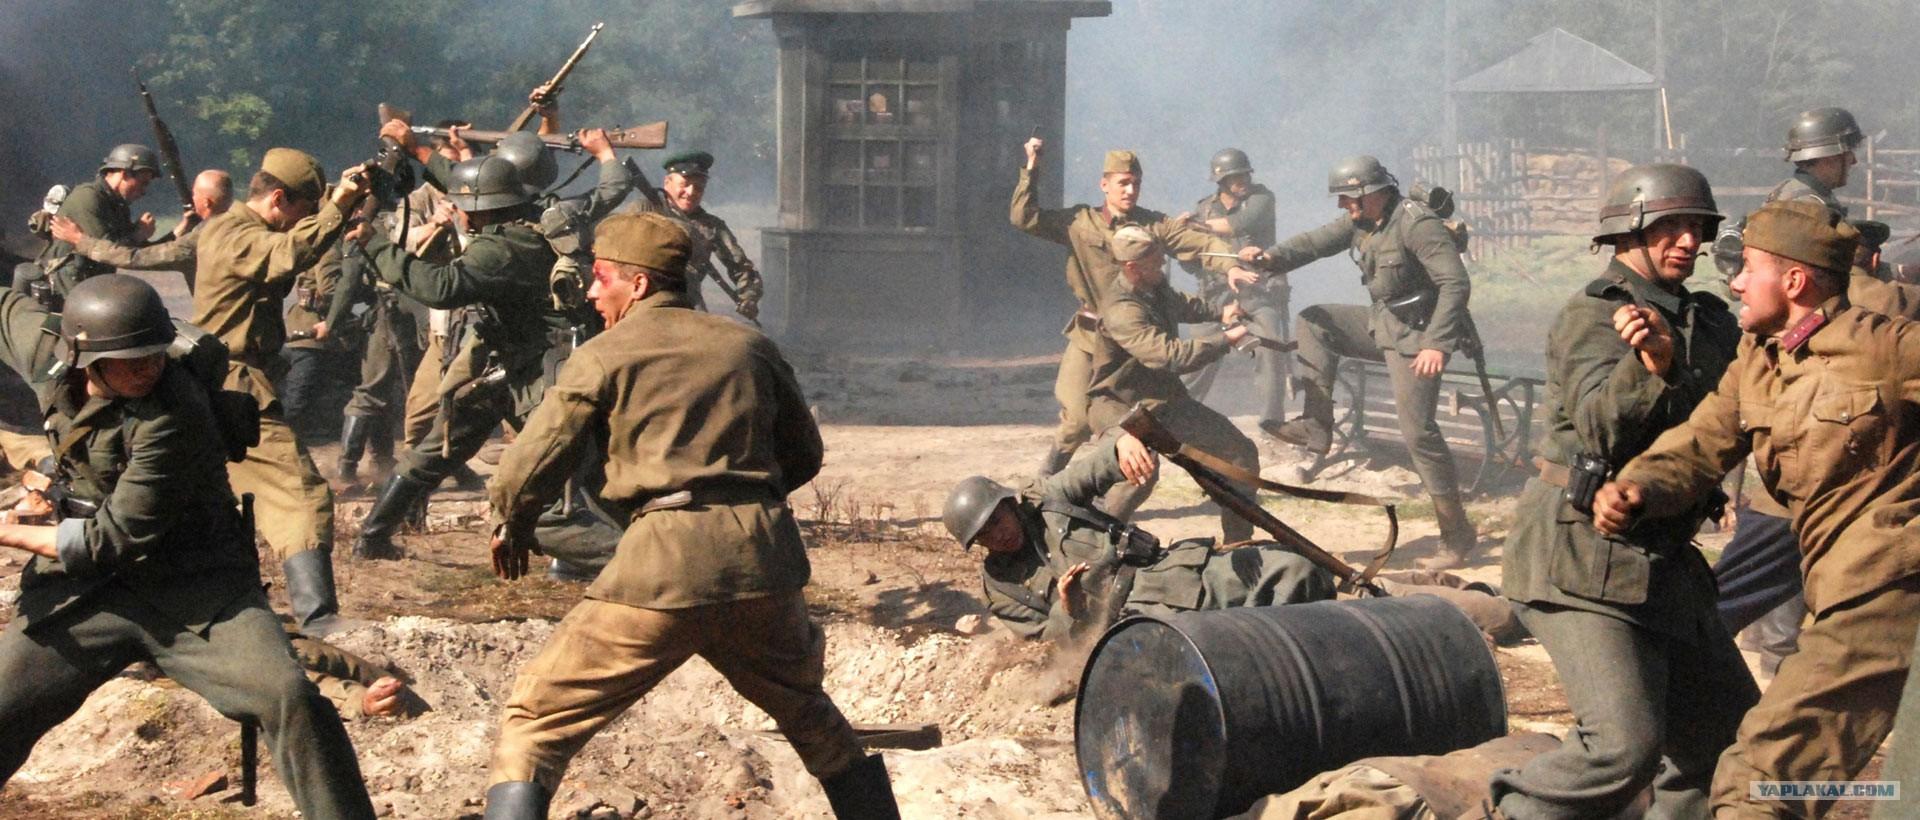 Вторая мировая война  Документальные фильмы смотреть онлайн